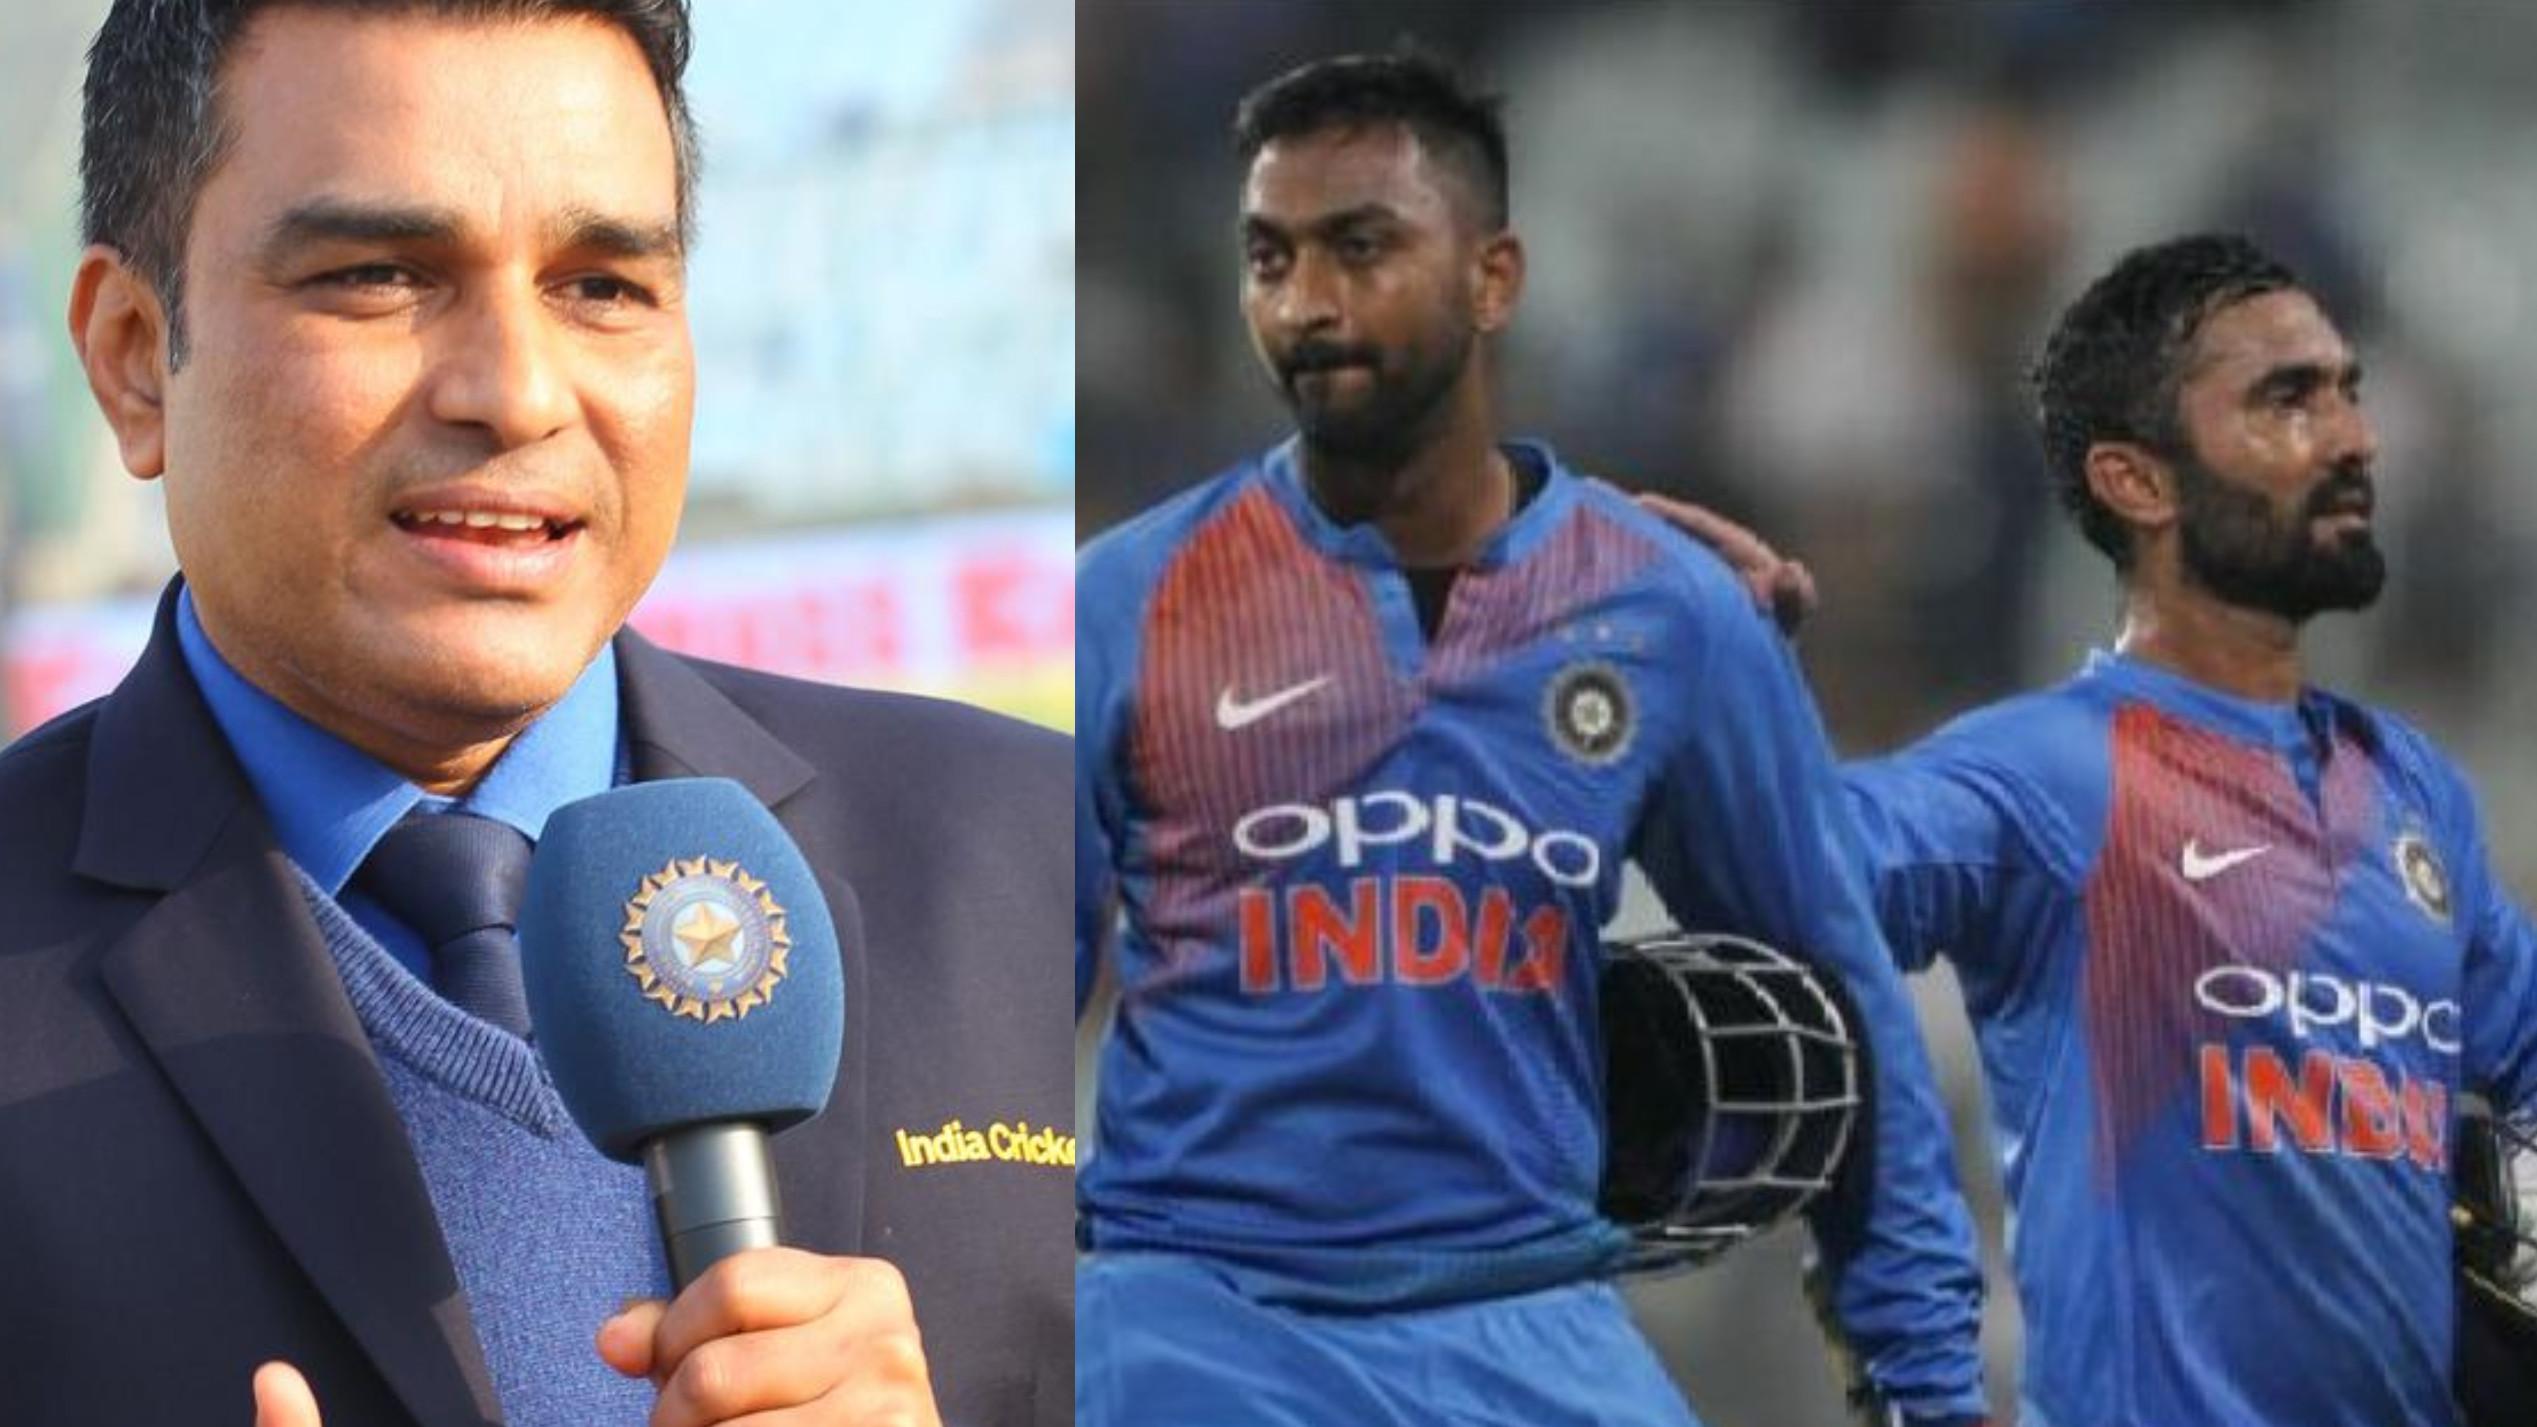 NZ v IND 2019 : संजय मांजरेकर ने कहा कि दिनेश कार्तिक की वजह से क्रुणाल पांड्या स्ट्राइक नहीं ले पाए